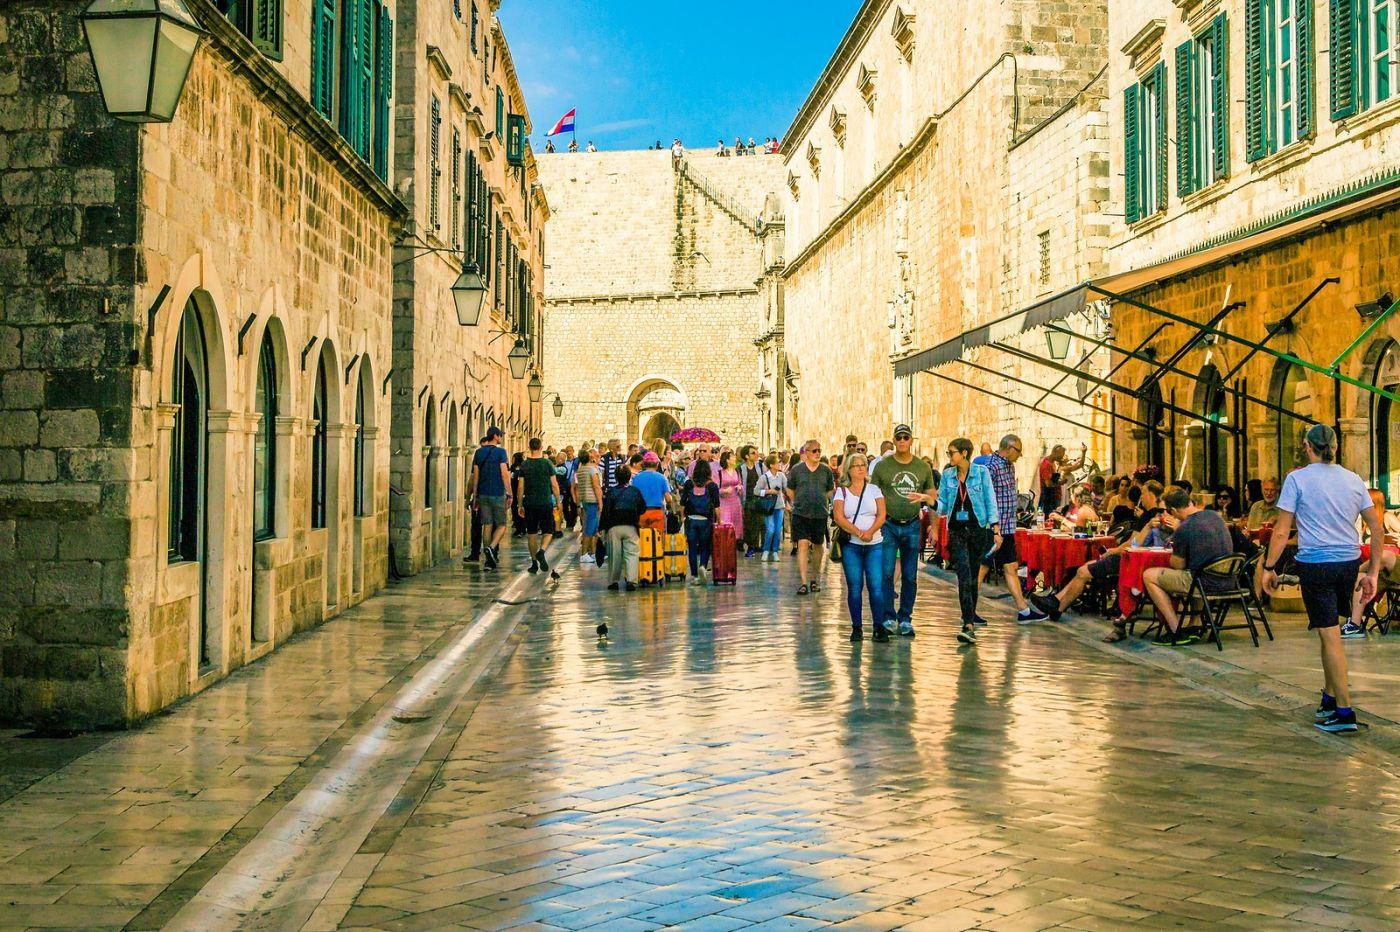 克罗地亚杜布罗夫尼克(Dubrovnik),古城小巷_图1-25